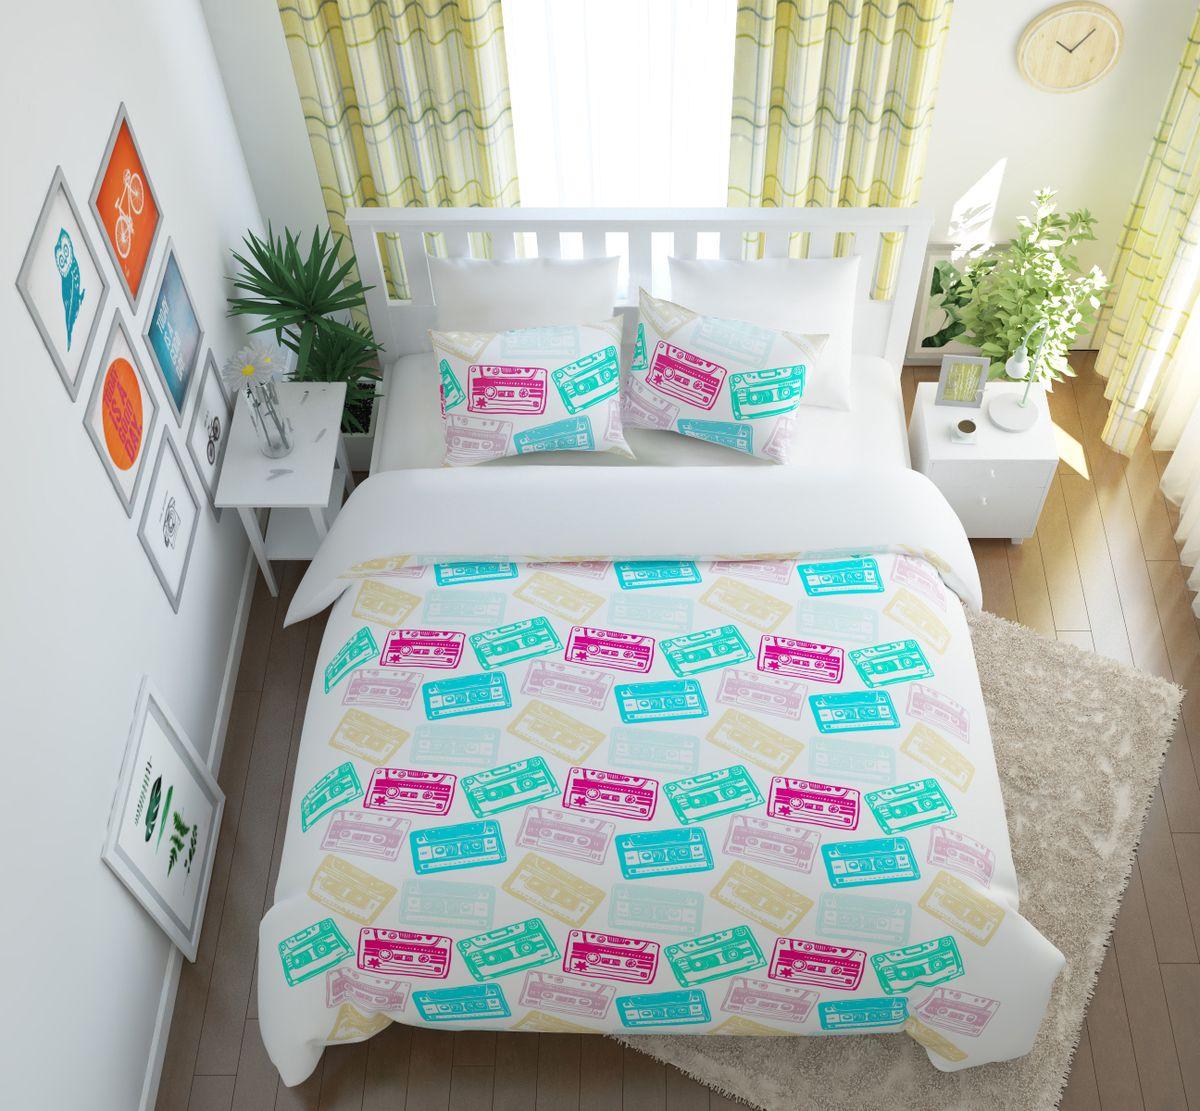 Комплект белья Сирень Фонотека, 2-спальный, наволочки 50х70S03301004Комплект постельного белья Сирень выполнен из прочной и мягкой ткани. Четкий и стильный рисунок в сочетании с насыщенными красками делают комплект постельного белья неповторимой изюминкой любого интерьера.Постельное белье идеально подойдет для подарка. Идеальное соотношение смешенной ткани и гипоаллергенных красок - это гарантия здорового, спокойного сна. Ткань хорошо впитывает влагу, надолго сохраняет яркость красок.В комплект входят: простынь, пододеяльник, две наволочки. Постельное белье легко стирать при 30-40°С, гладить при 150°С, не отбеливать. Рекомендуется перед первым использованием постирать.УВАЖАЕМЫЕ КЛИЕНТЫ! Обращаем ваше внимание, что цвет простыни, пододеяльника, наволочки в комплектации может немного отличаться от представленного на фото.